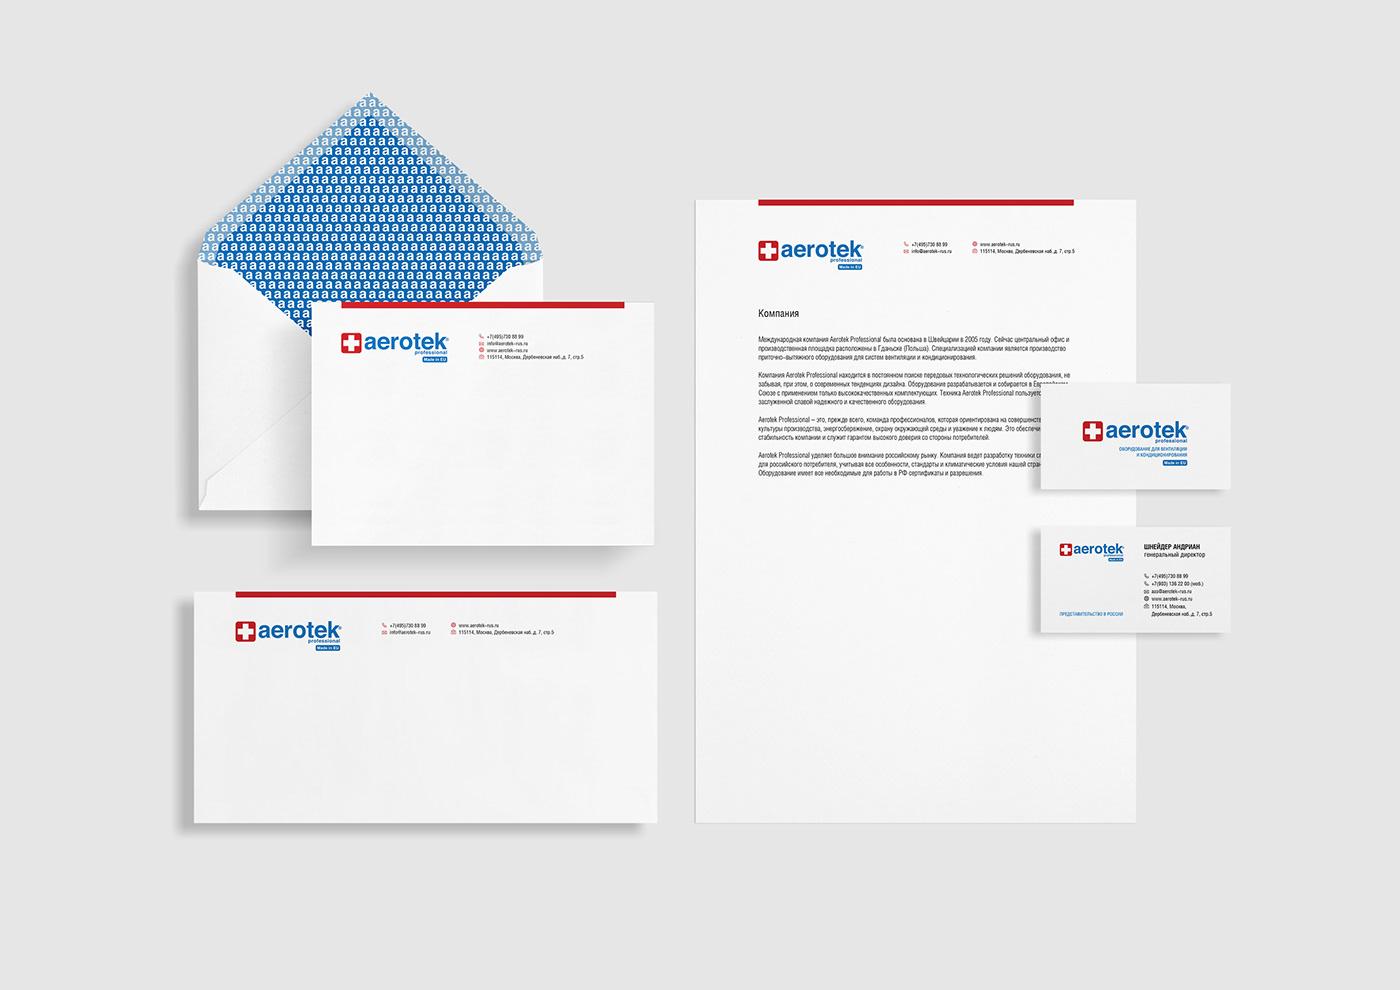 фирменный стиль логотип визитка фирменные элементы корпоративный стиль графический дизайн